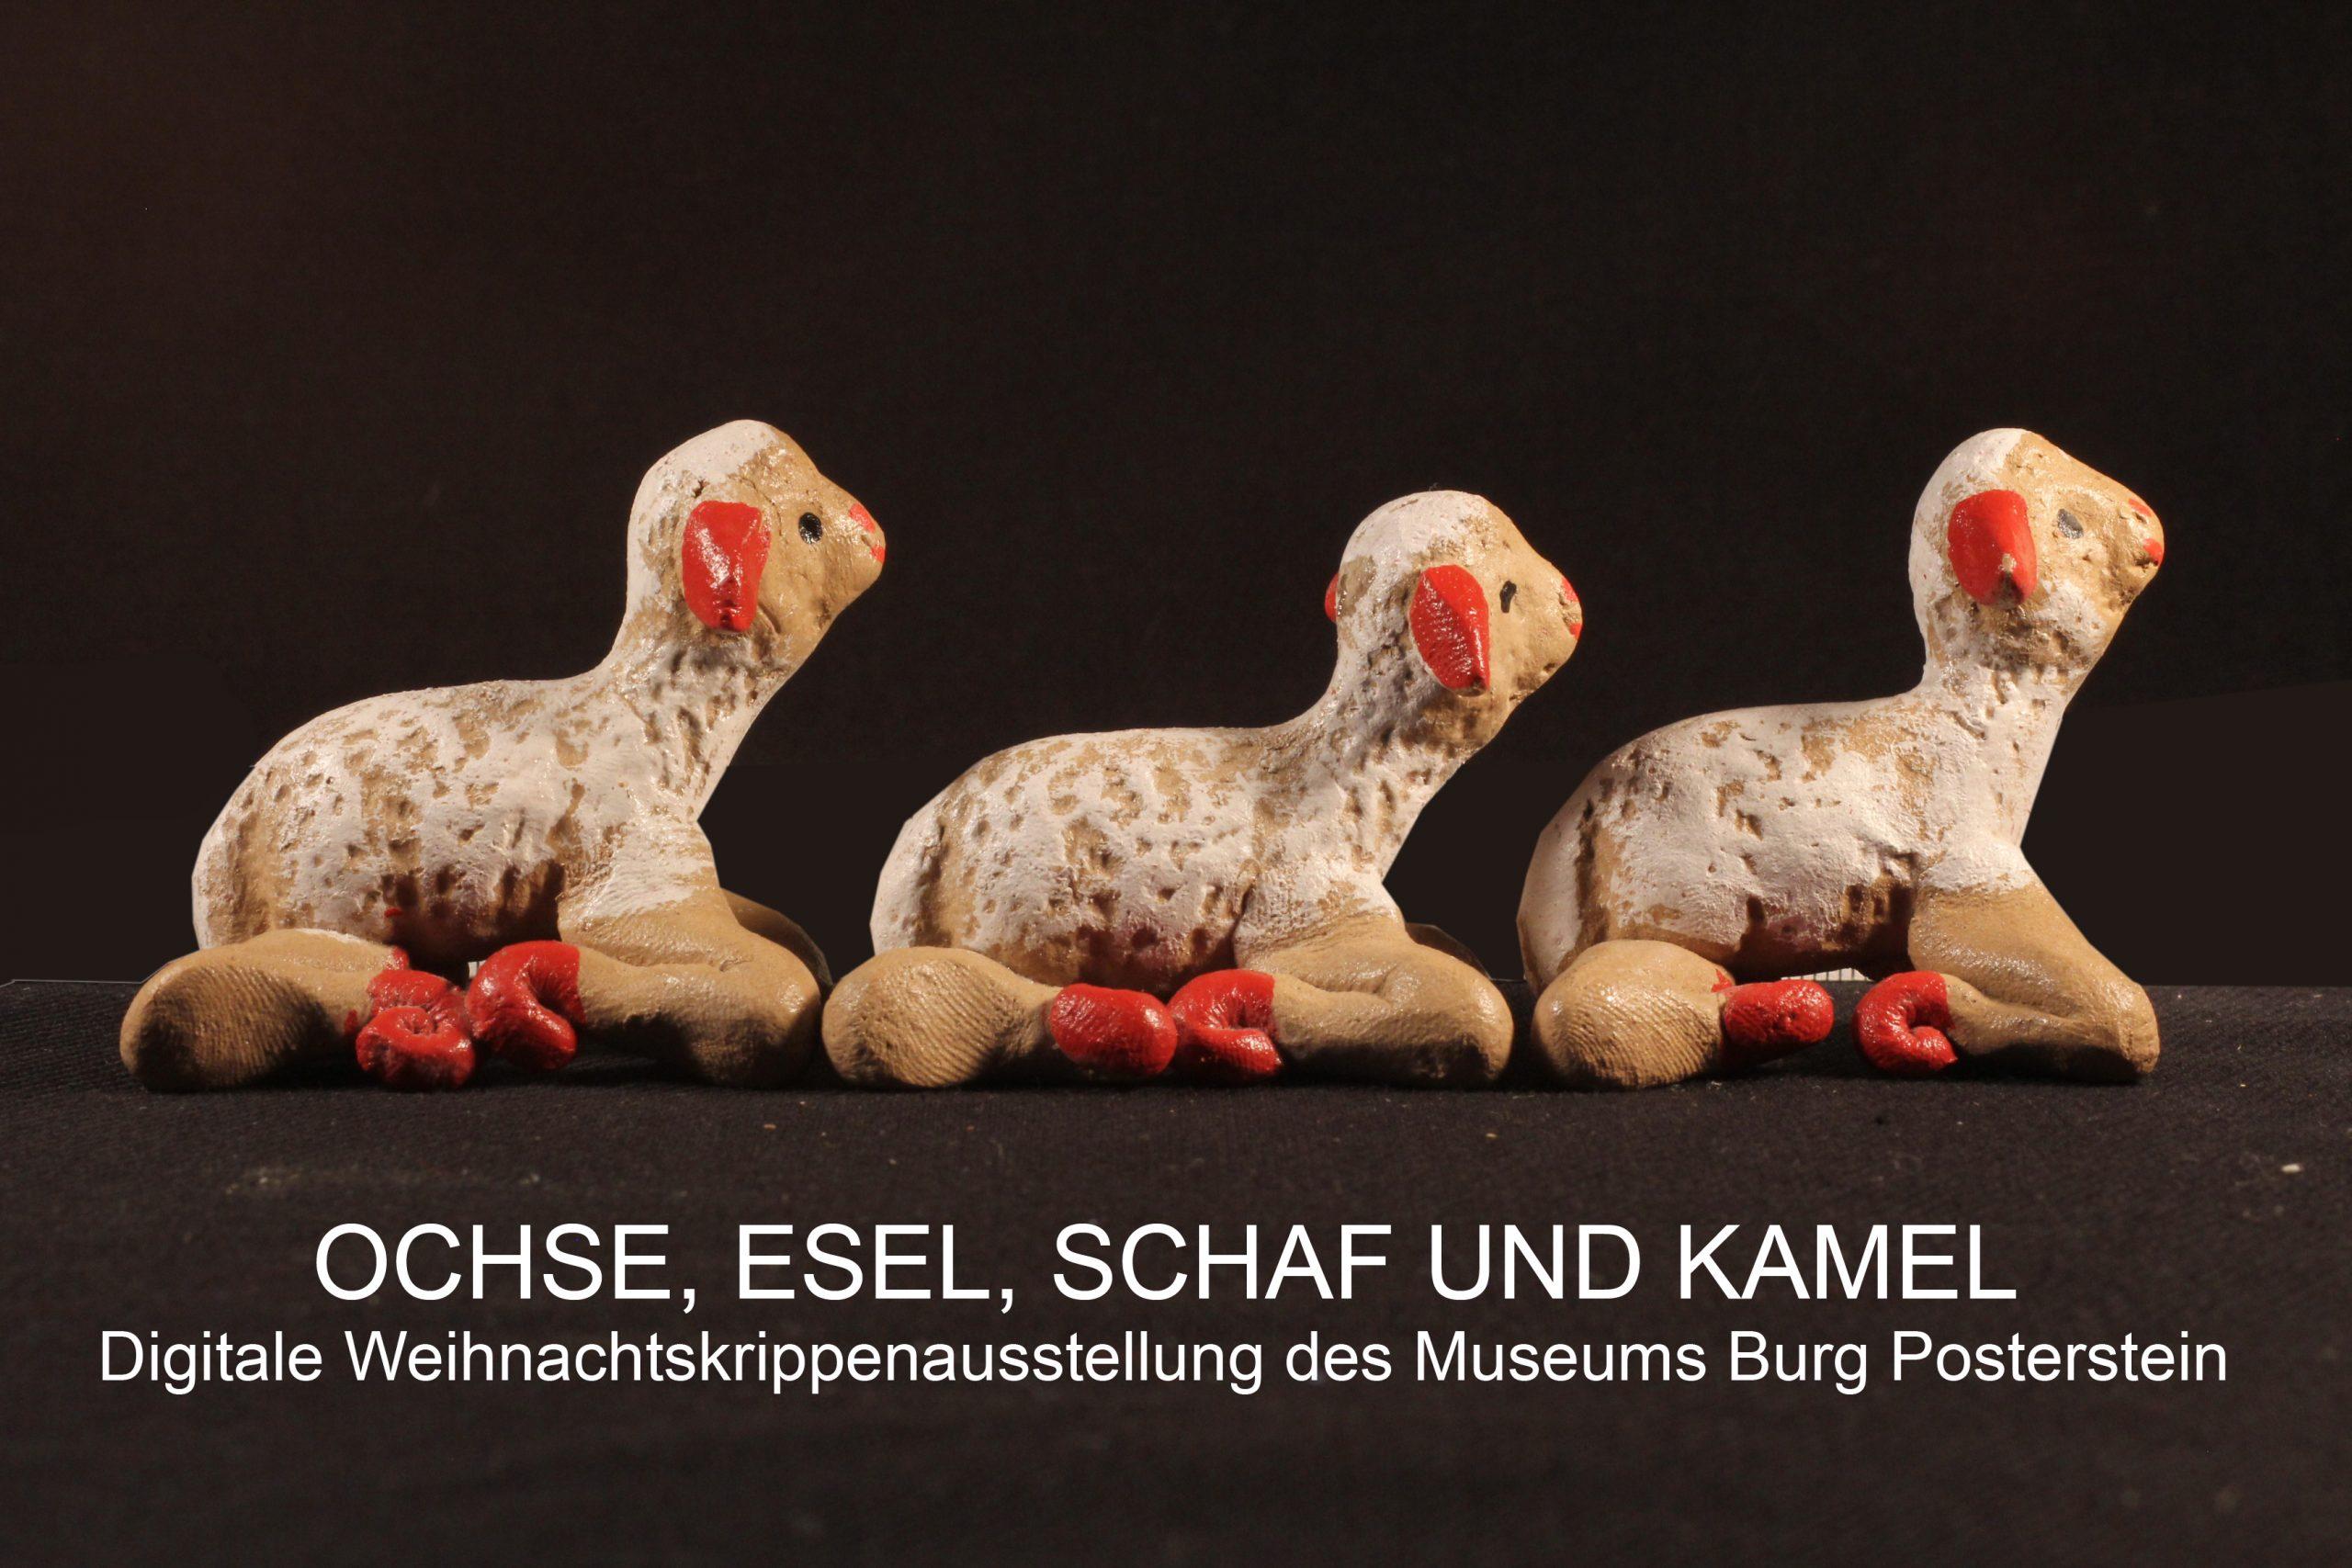 Ochse, Esel, Schaf und Kamel: Digitale Weihnachtskrippen-Ausstellung